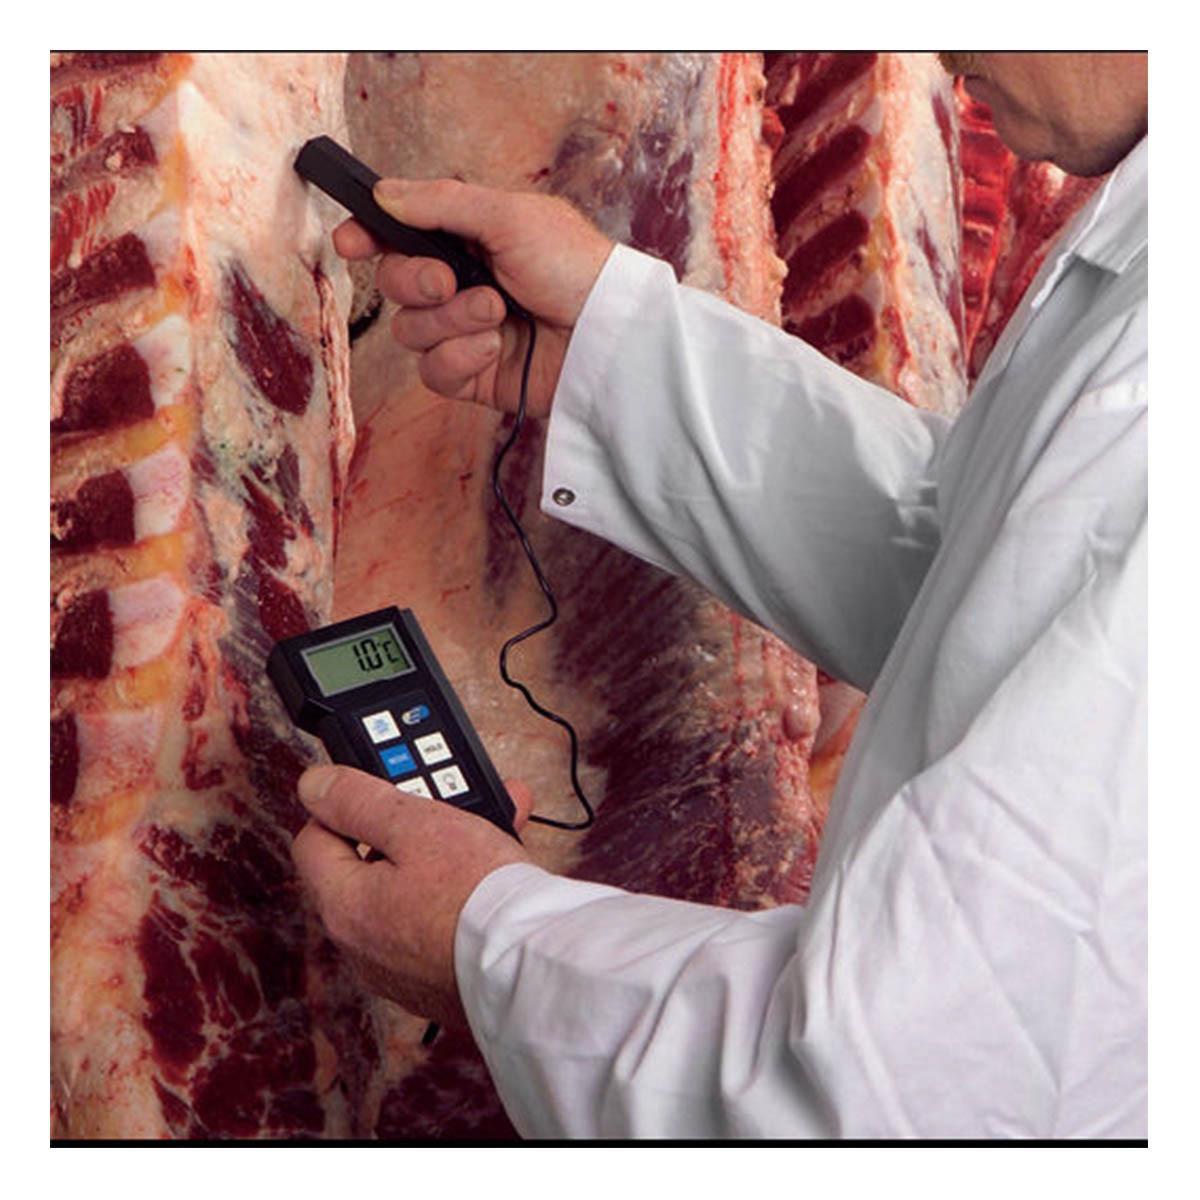 31-1020-k-profi-digitalthermometer-mit-einstichfühler-p300-anwendung1-1200x1200px.jpg